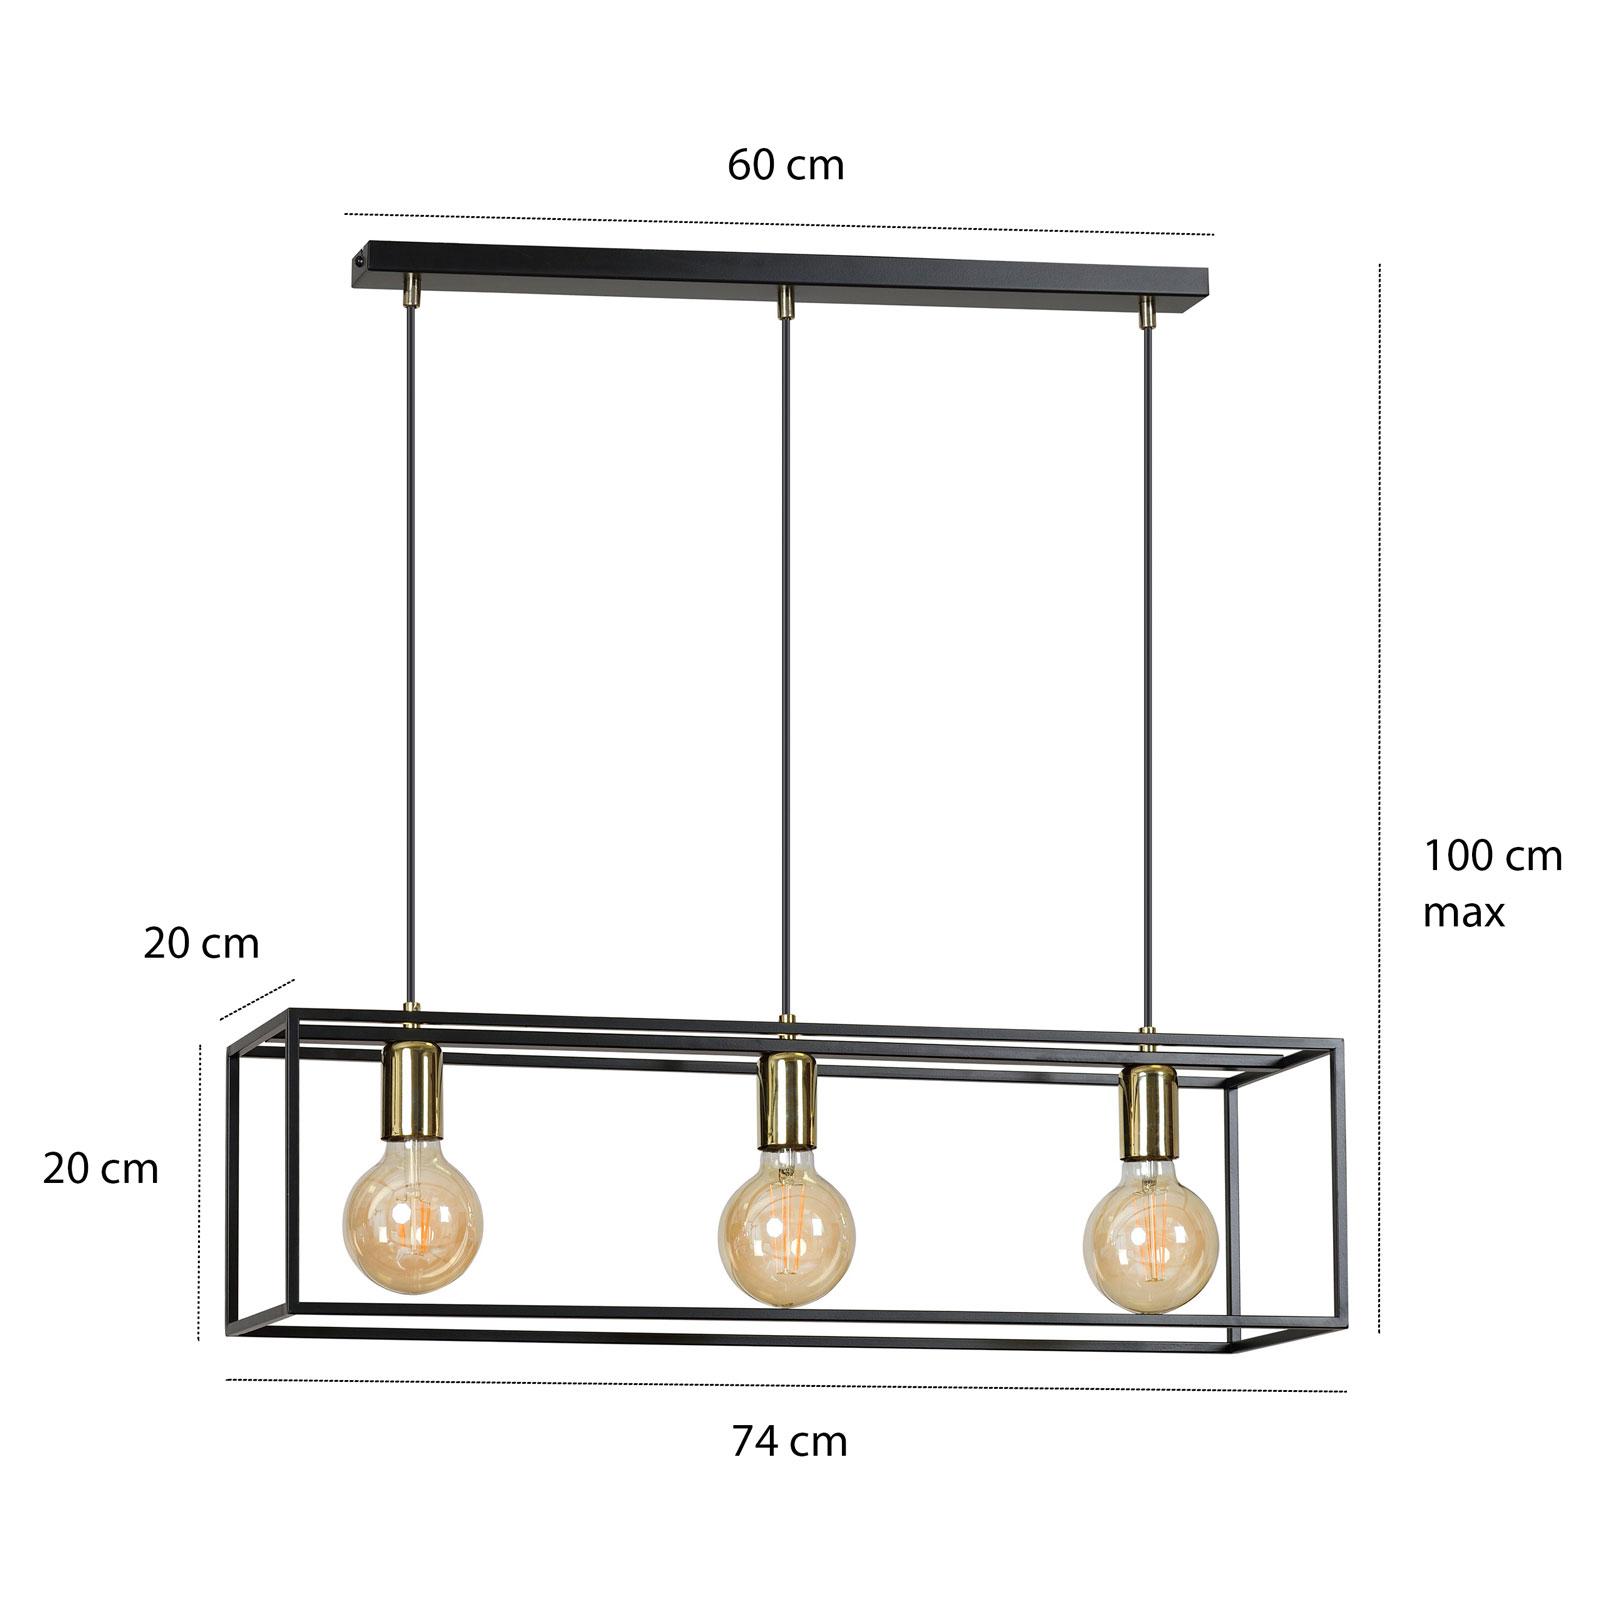 Lampa wisząca Karmen 3, 3-punktowa, czarna